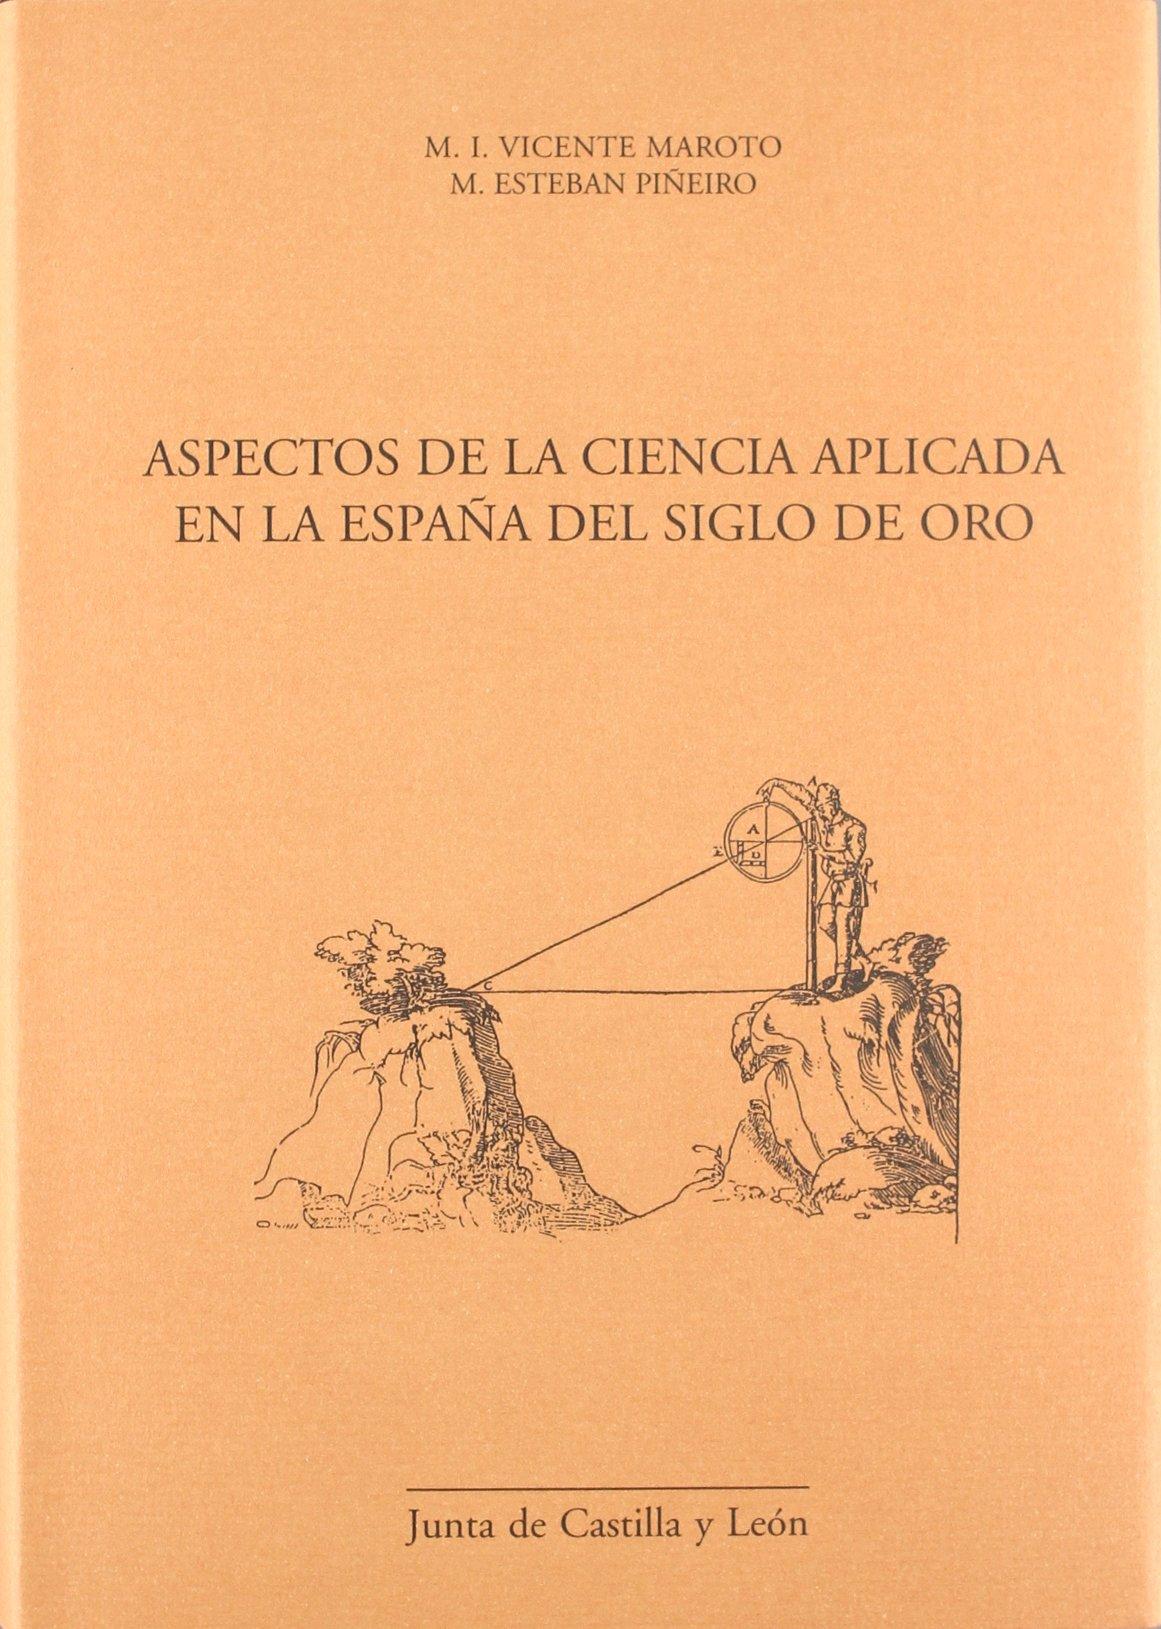 ASPECTOS DE LA CIENCIA APLICADA EN ESPAÑA SIGLO DE ORO: Amazon.es ...